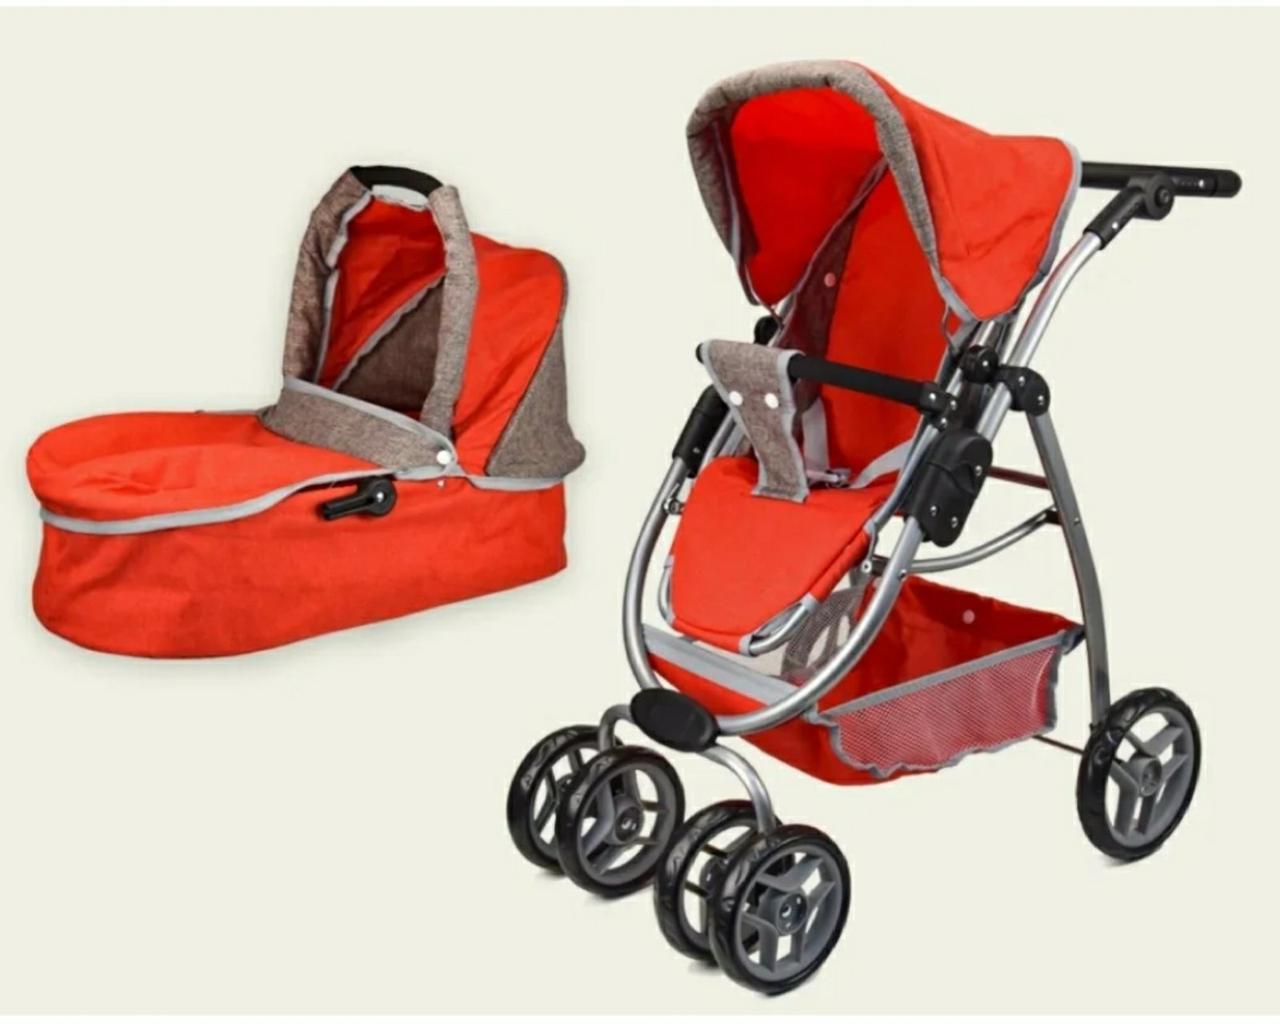 Дитяча коляска-трансформер для ляльок Melogo 9662 залізна, люлька-переноска, червона